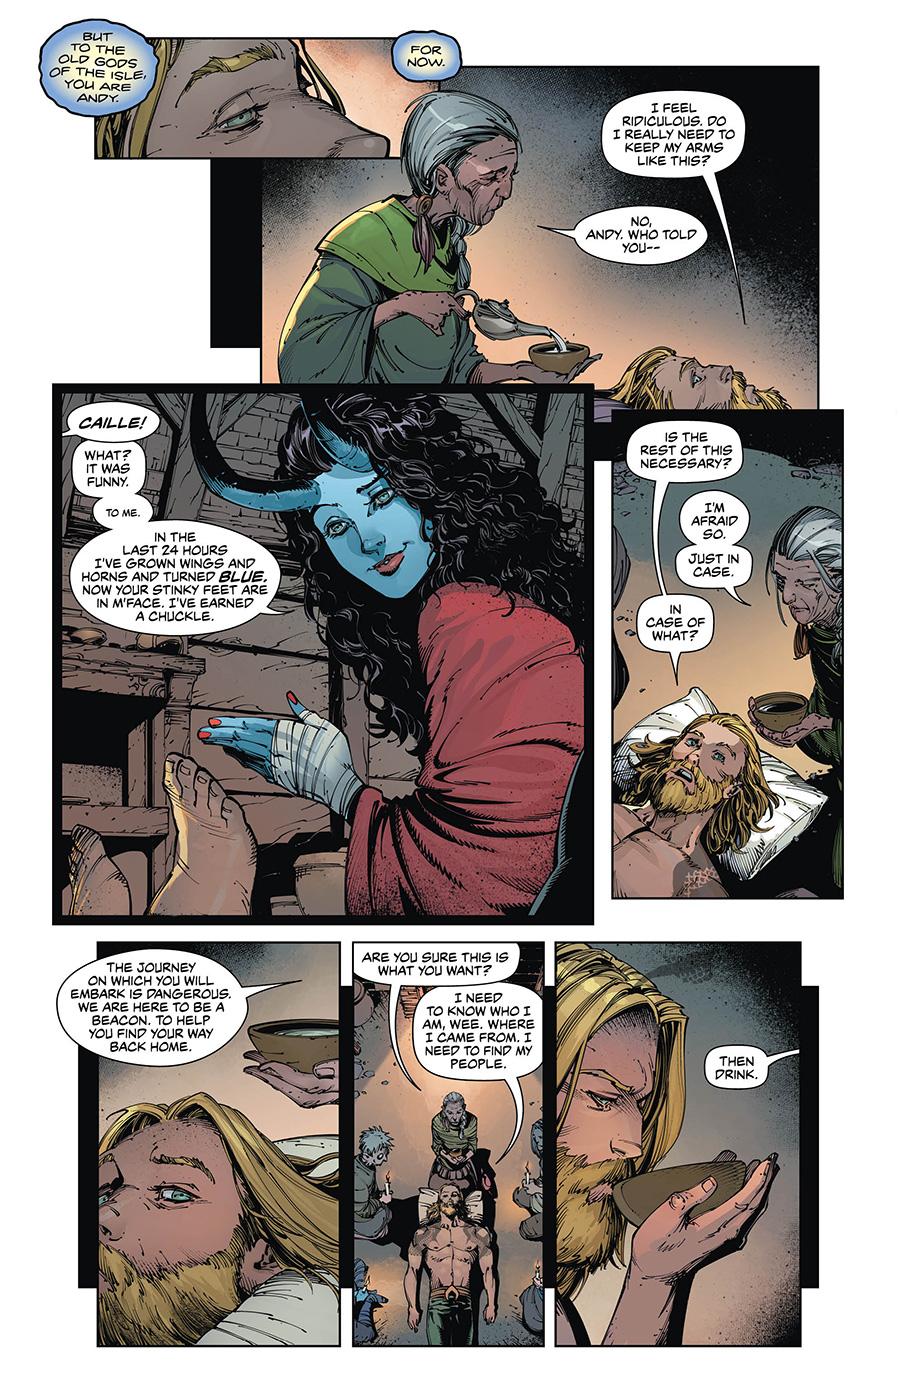 Aquaman 48_2 - DC Comics News